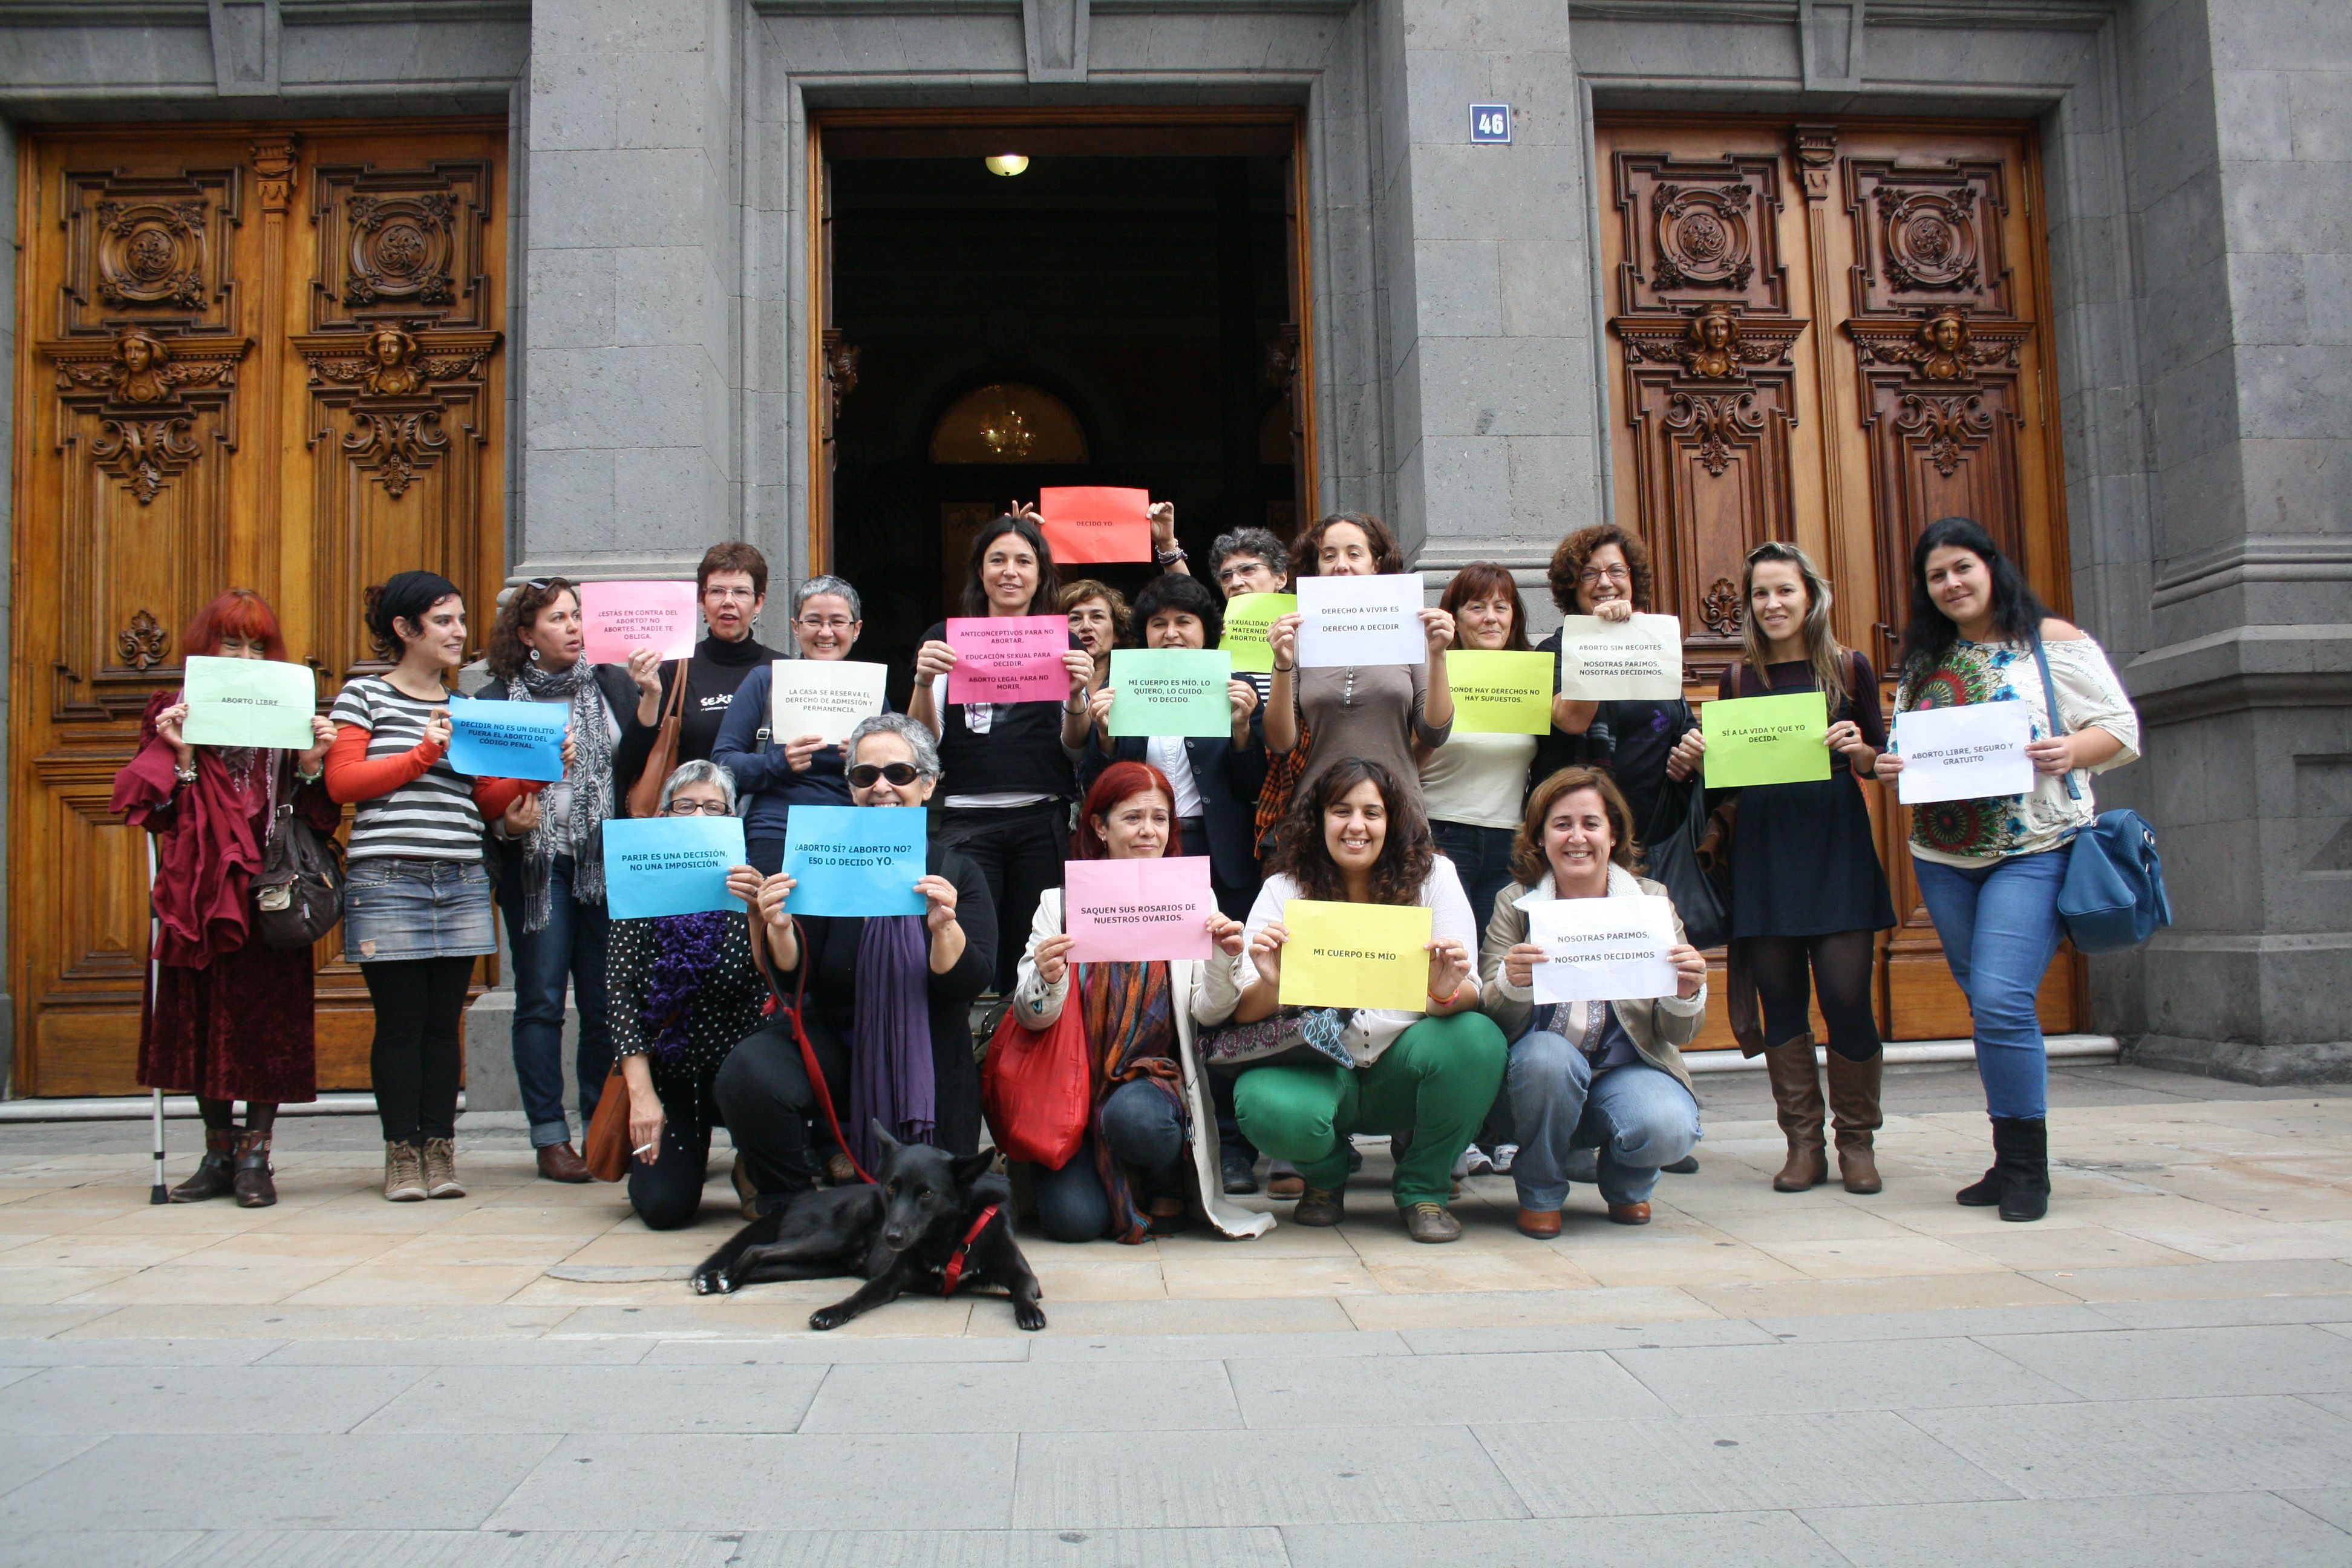 Derechos sexuales y reproductivos en Canarias